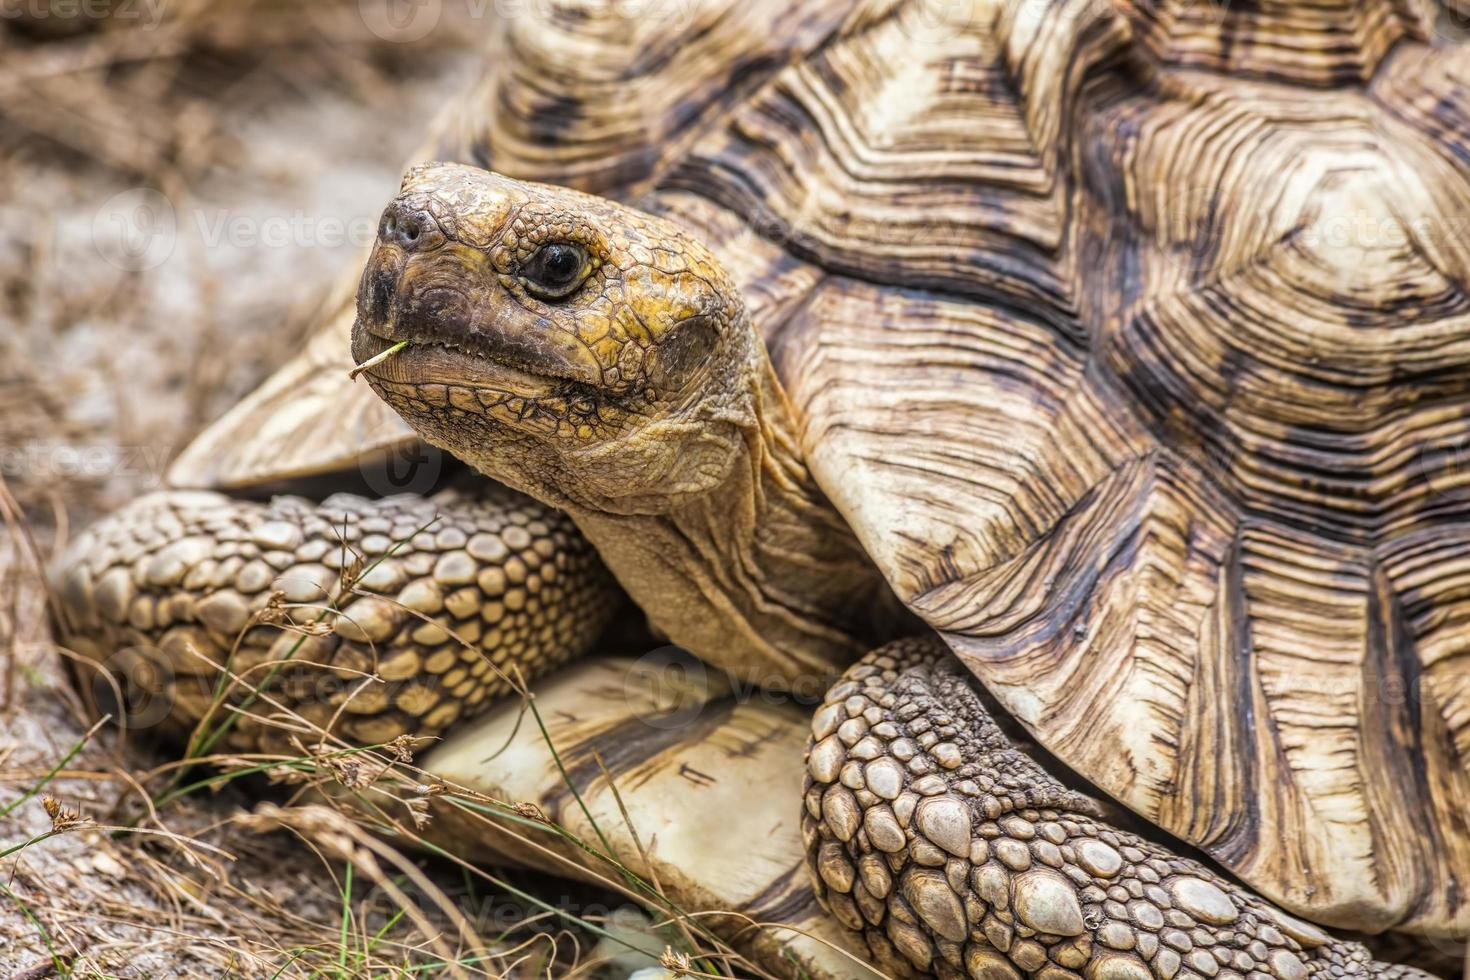 aldabra jättesköldpadda (aldabrachelys gigantea) foto